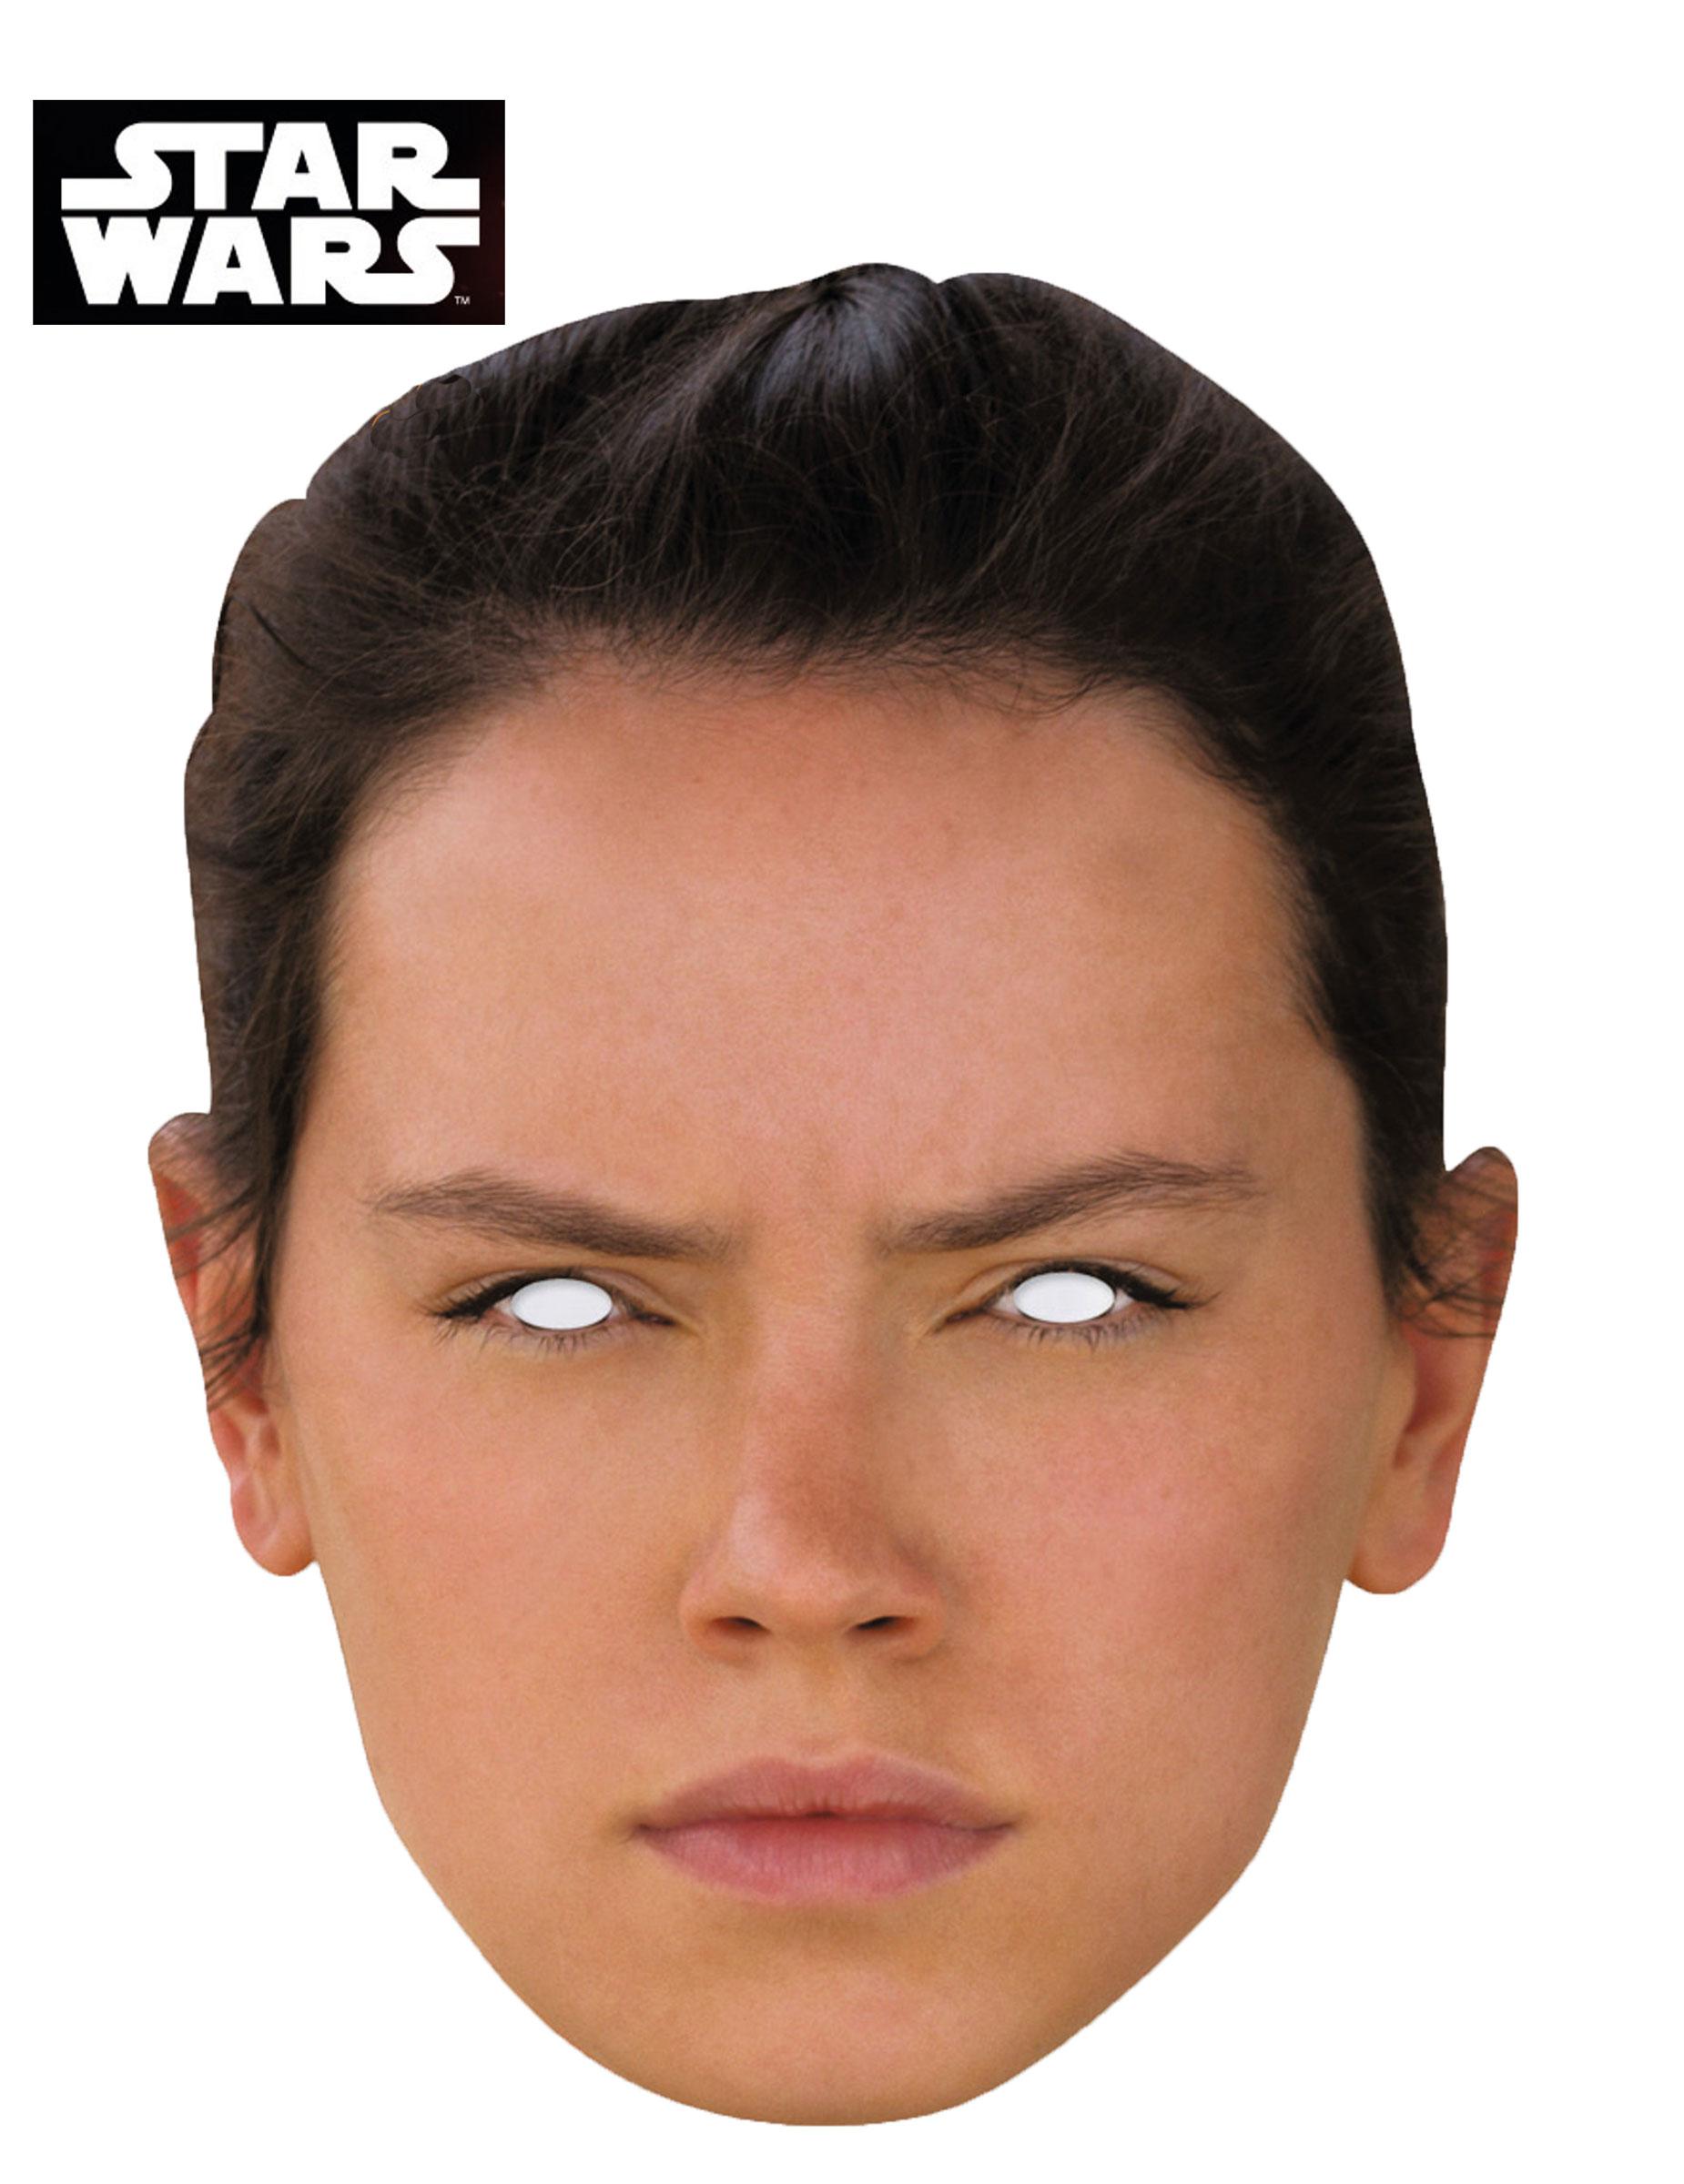 Karton Maske Rey Star Wars VII™ Masken und günstige